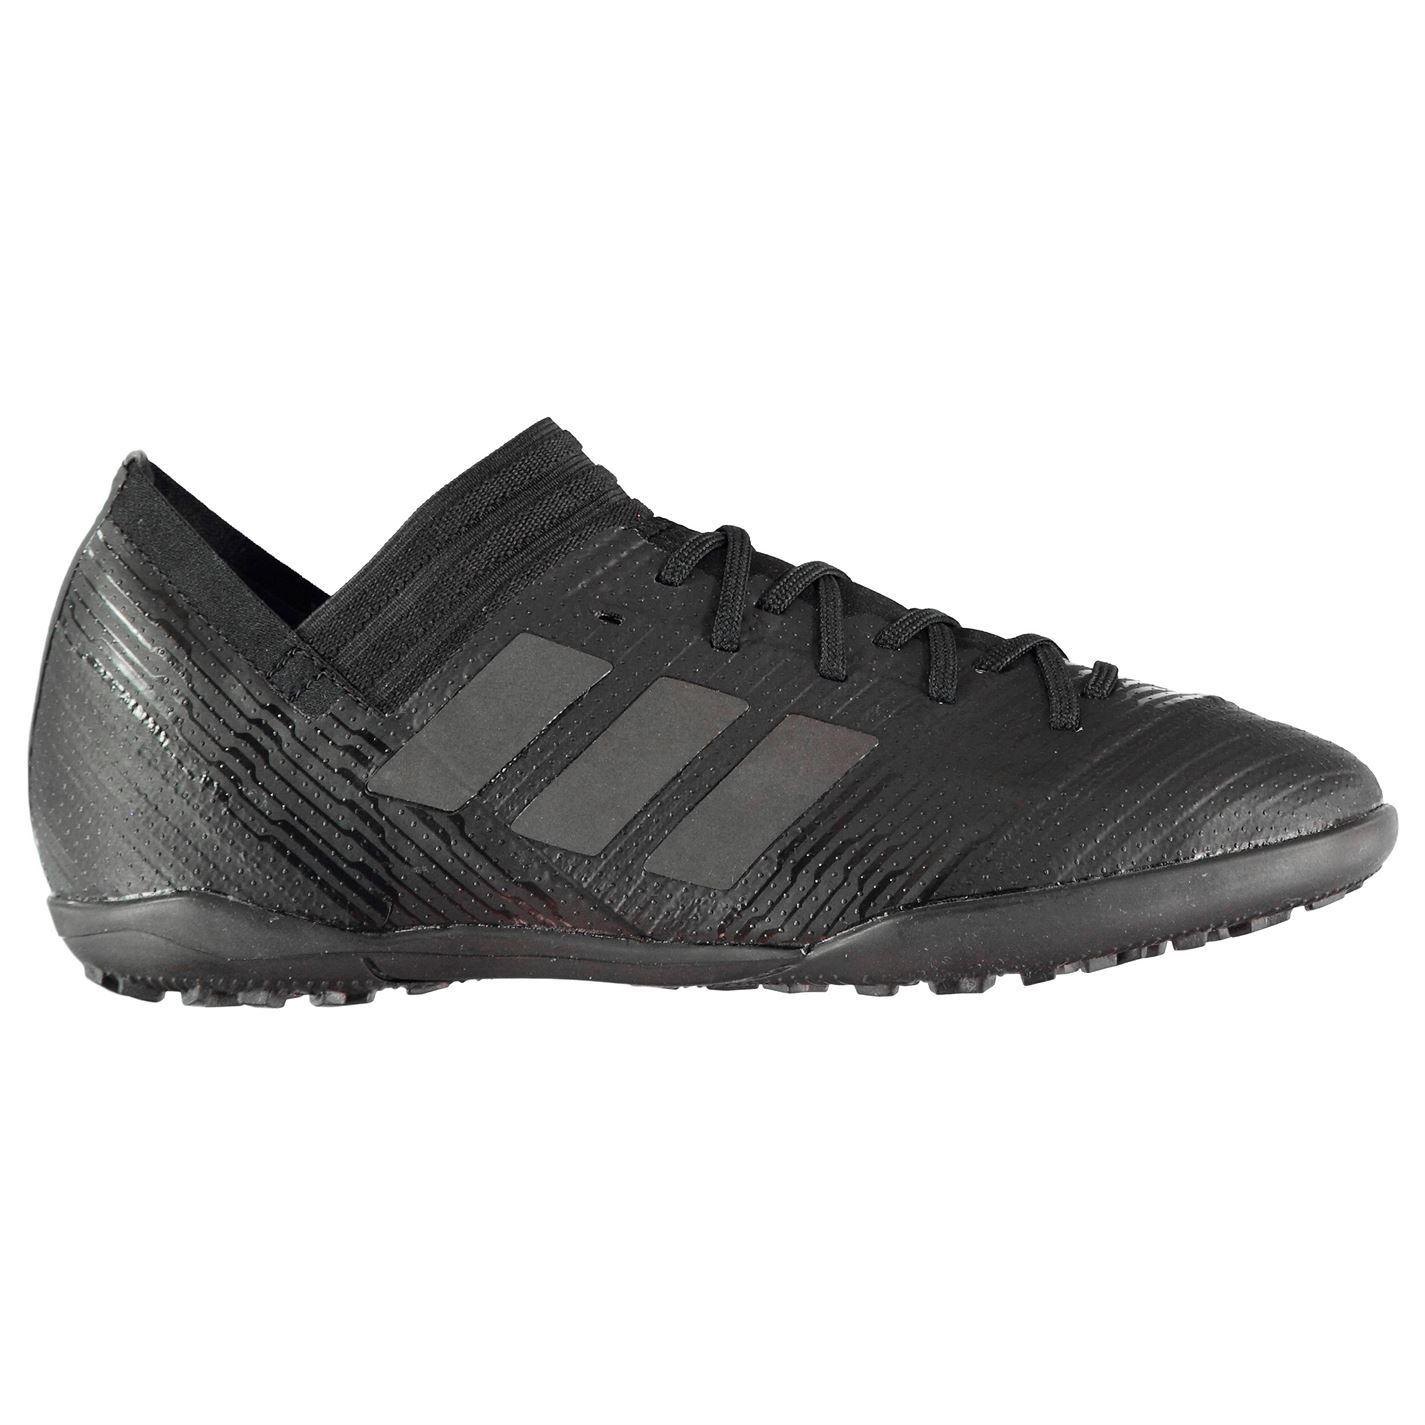 adidas kinder nemeziz tango 17,3 junior astro - - revier trainer fußball - astro spitze an 5ff3e7